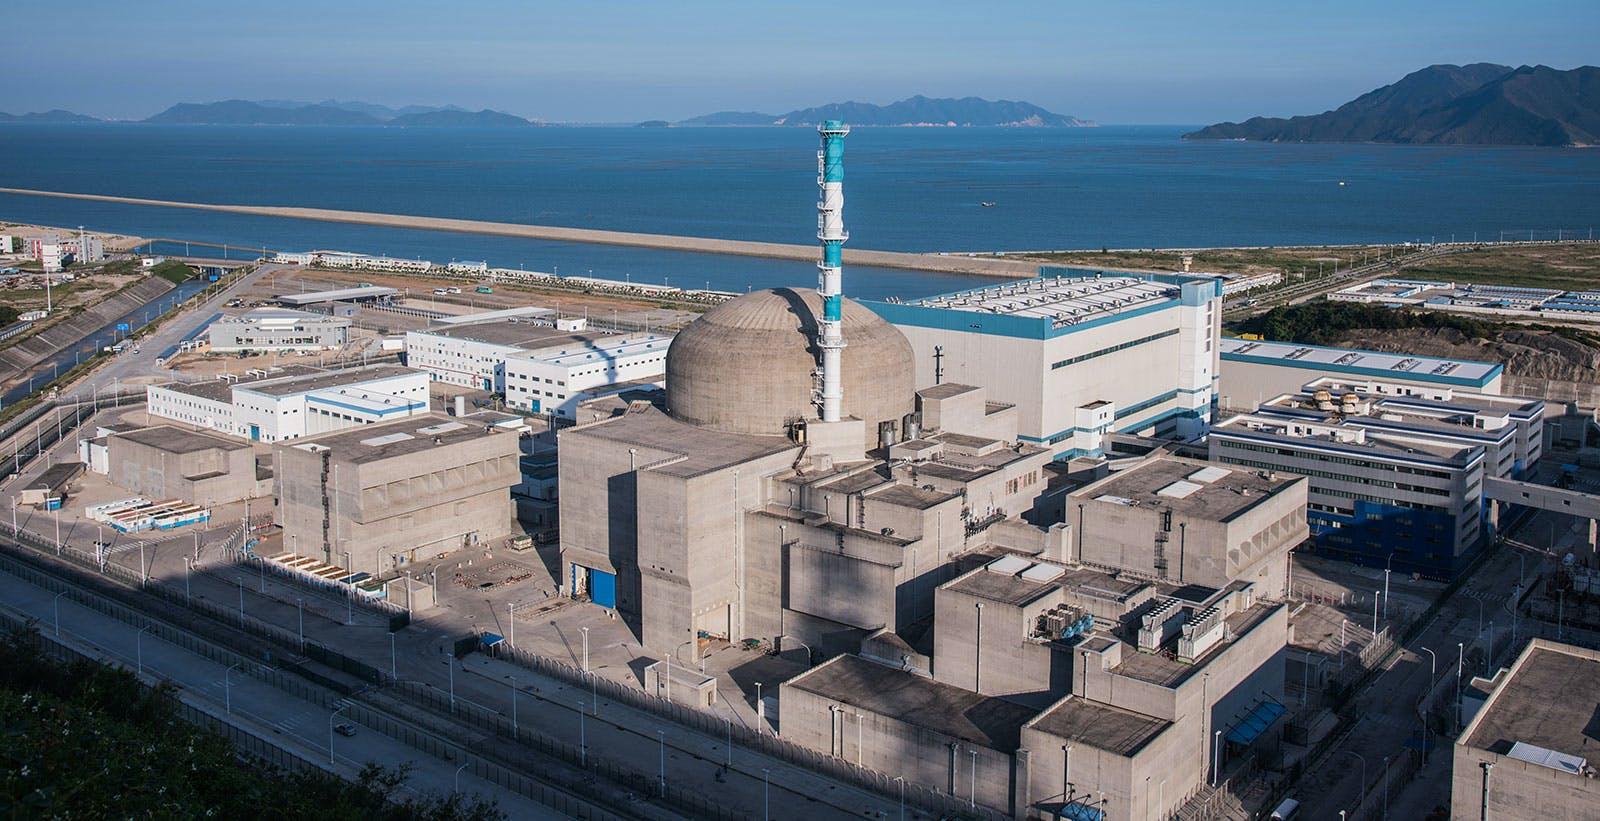 Dopo la crisi dei chip il problema nucleare: secondo una azienda francese in Cina stanno coprendo un problema serio